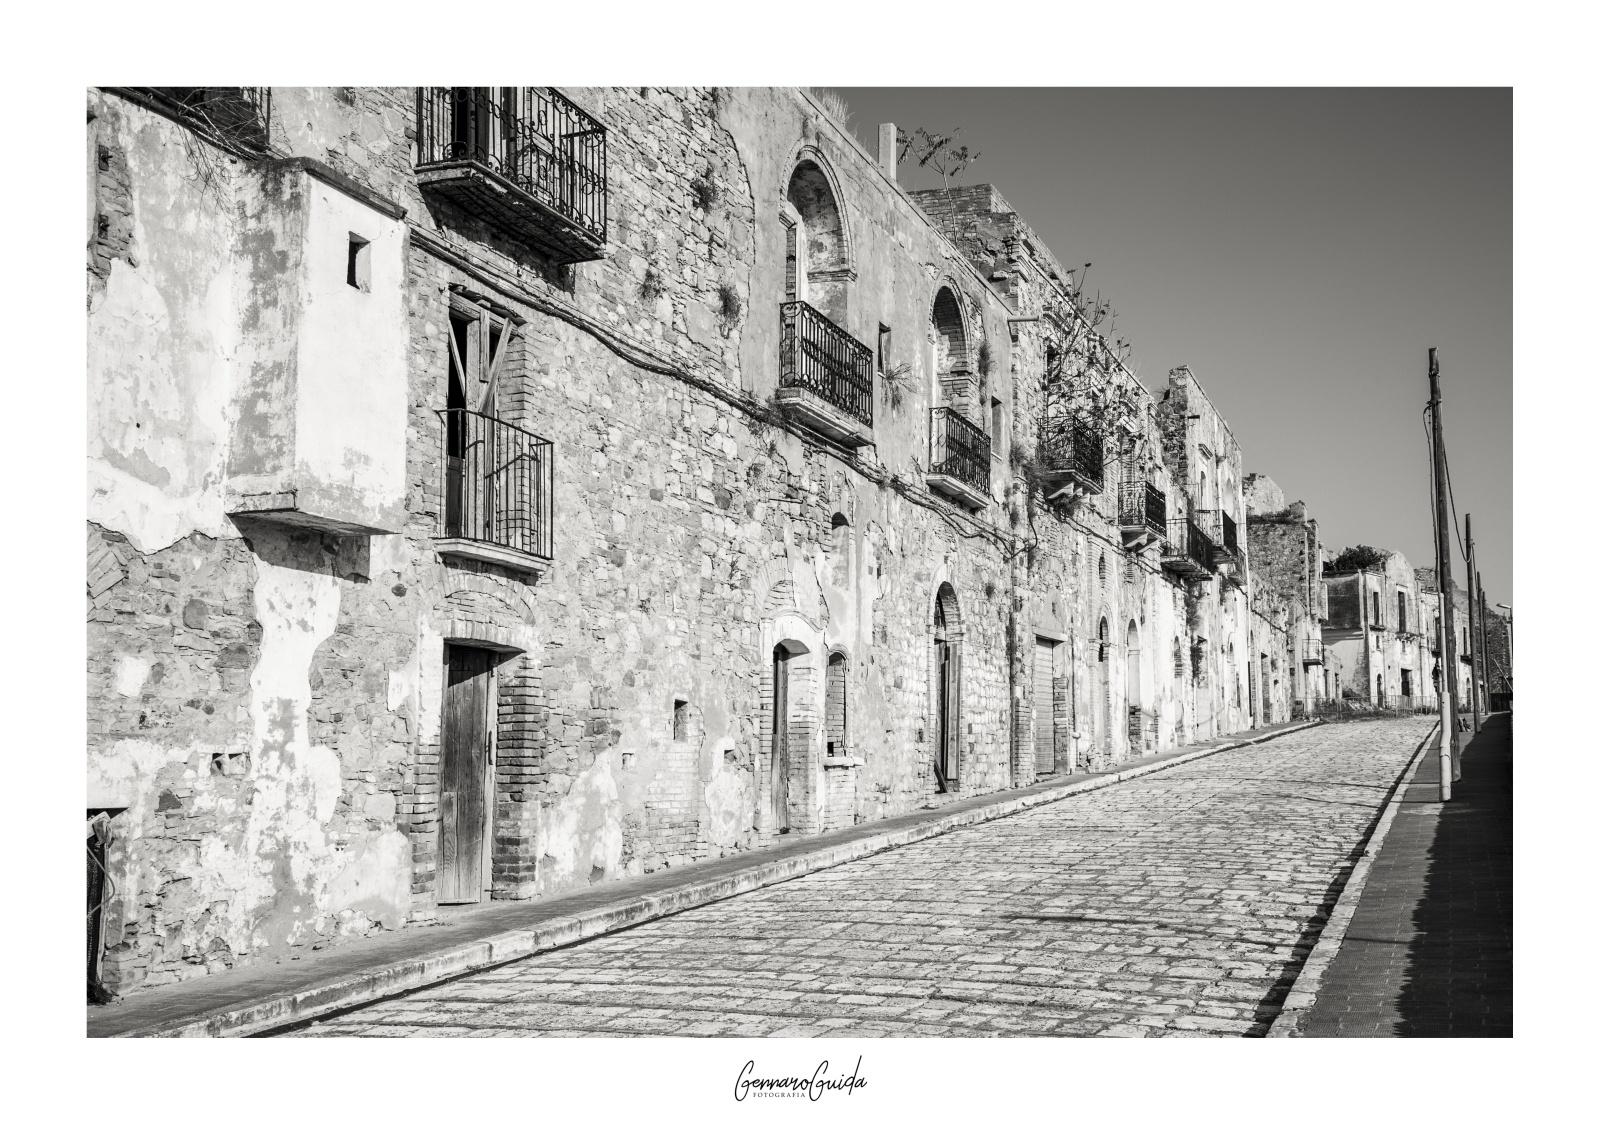 Craco - La città fantasma